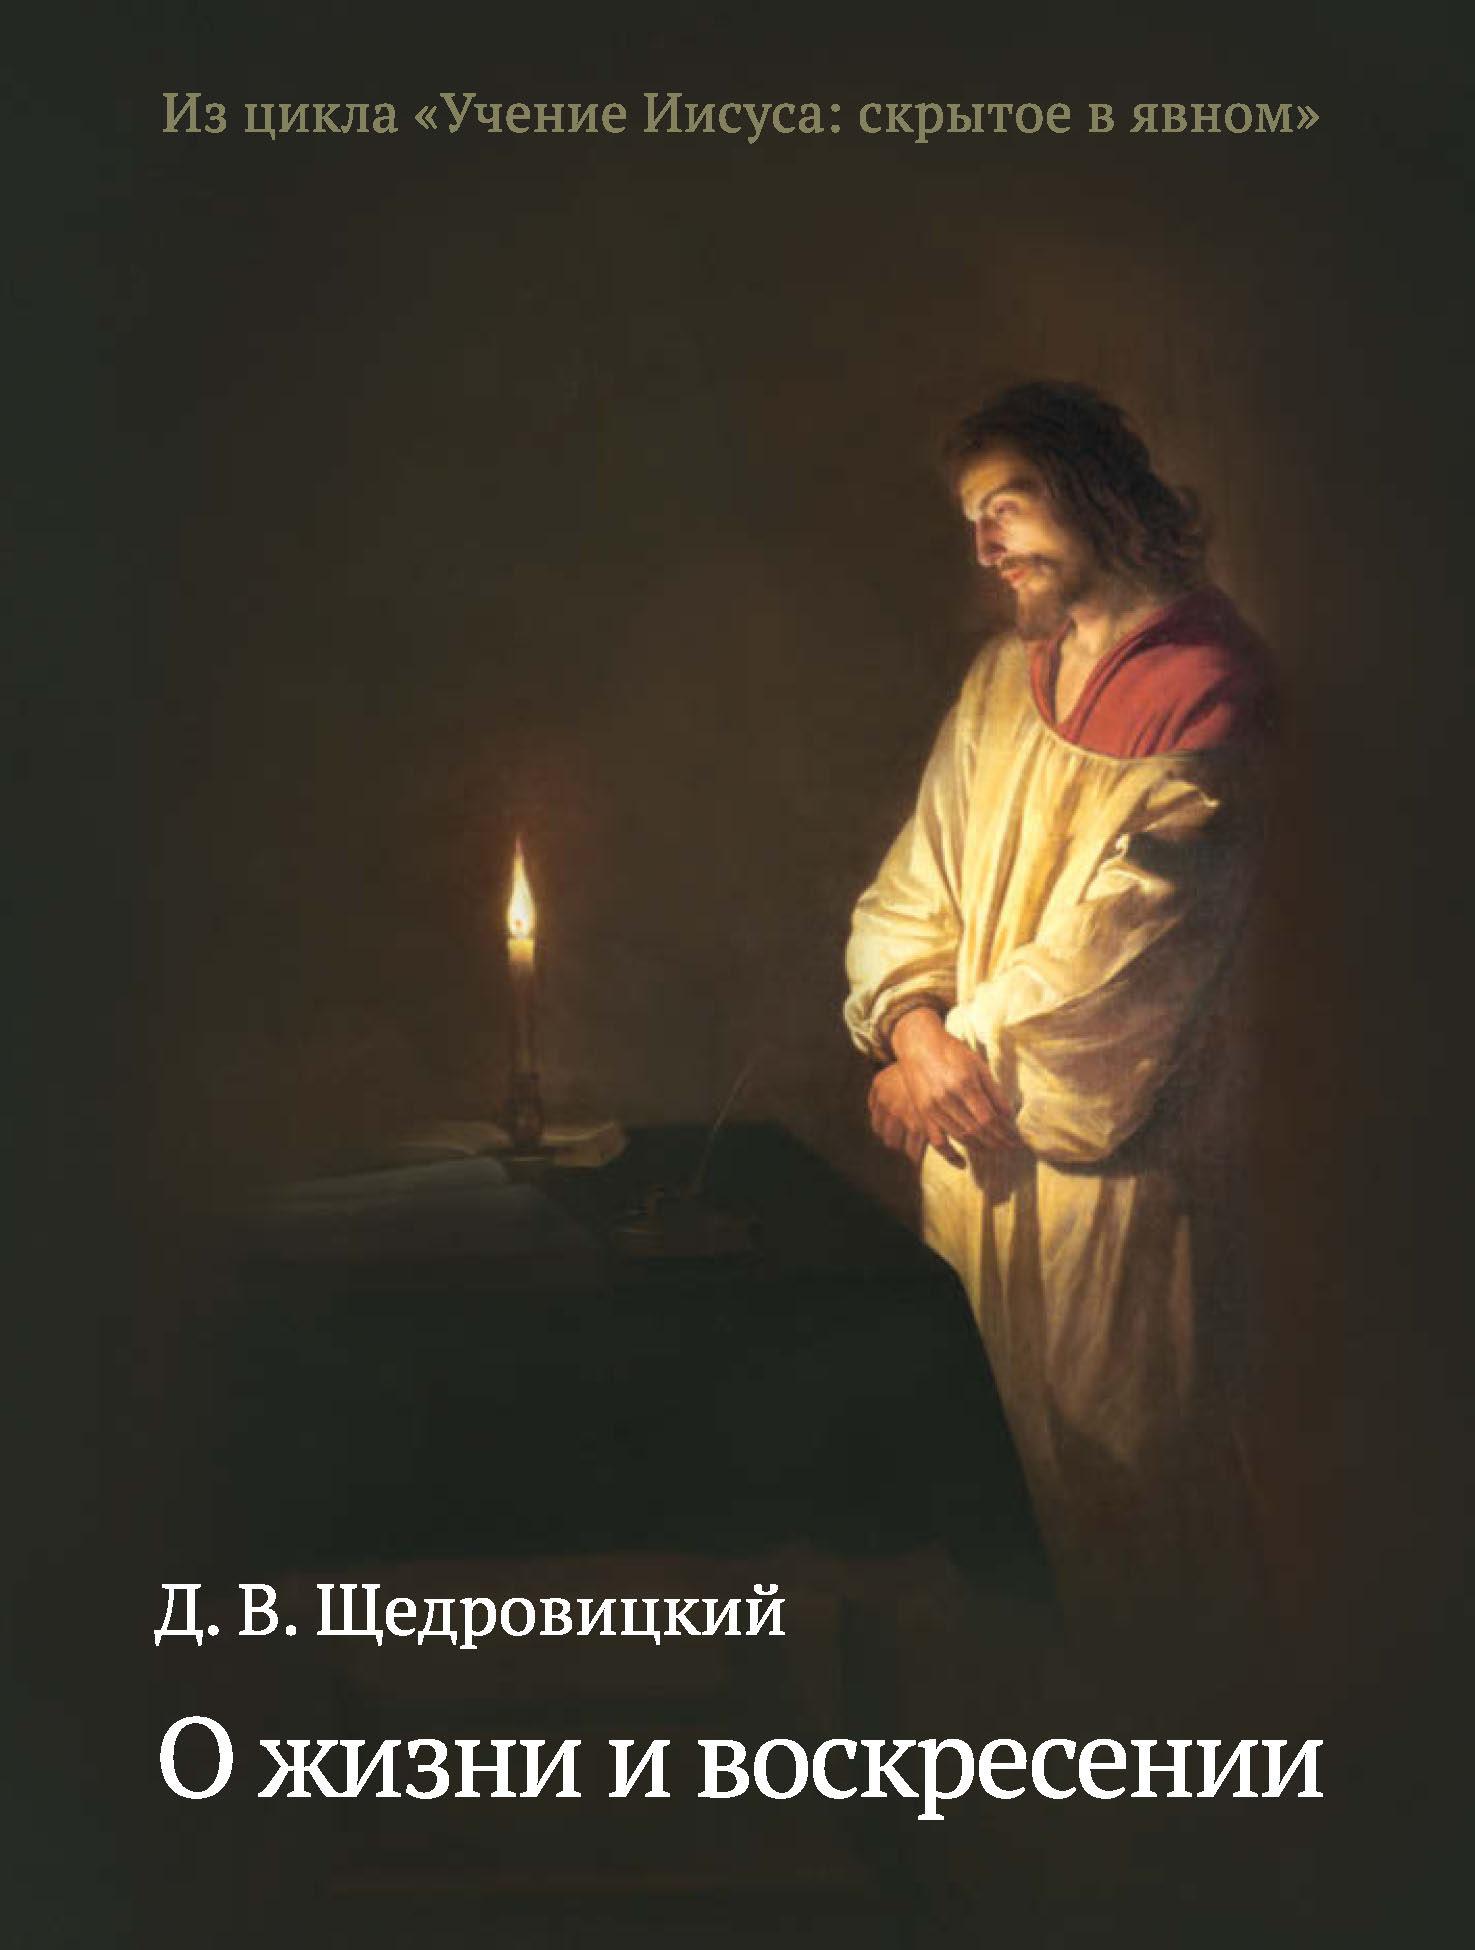 О жизни и воскресении ( Дмитрий Щедровицкий  )